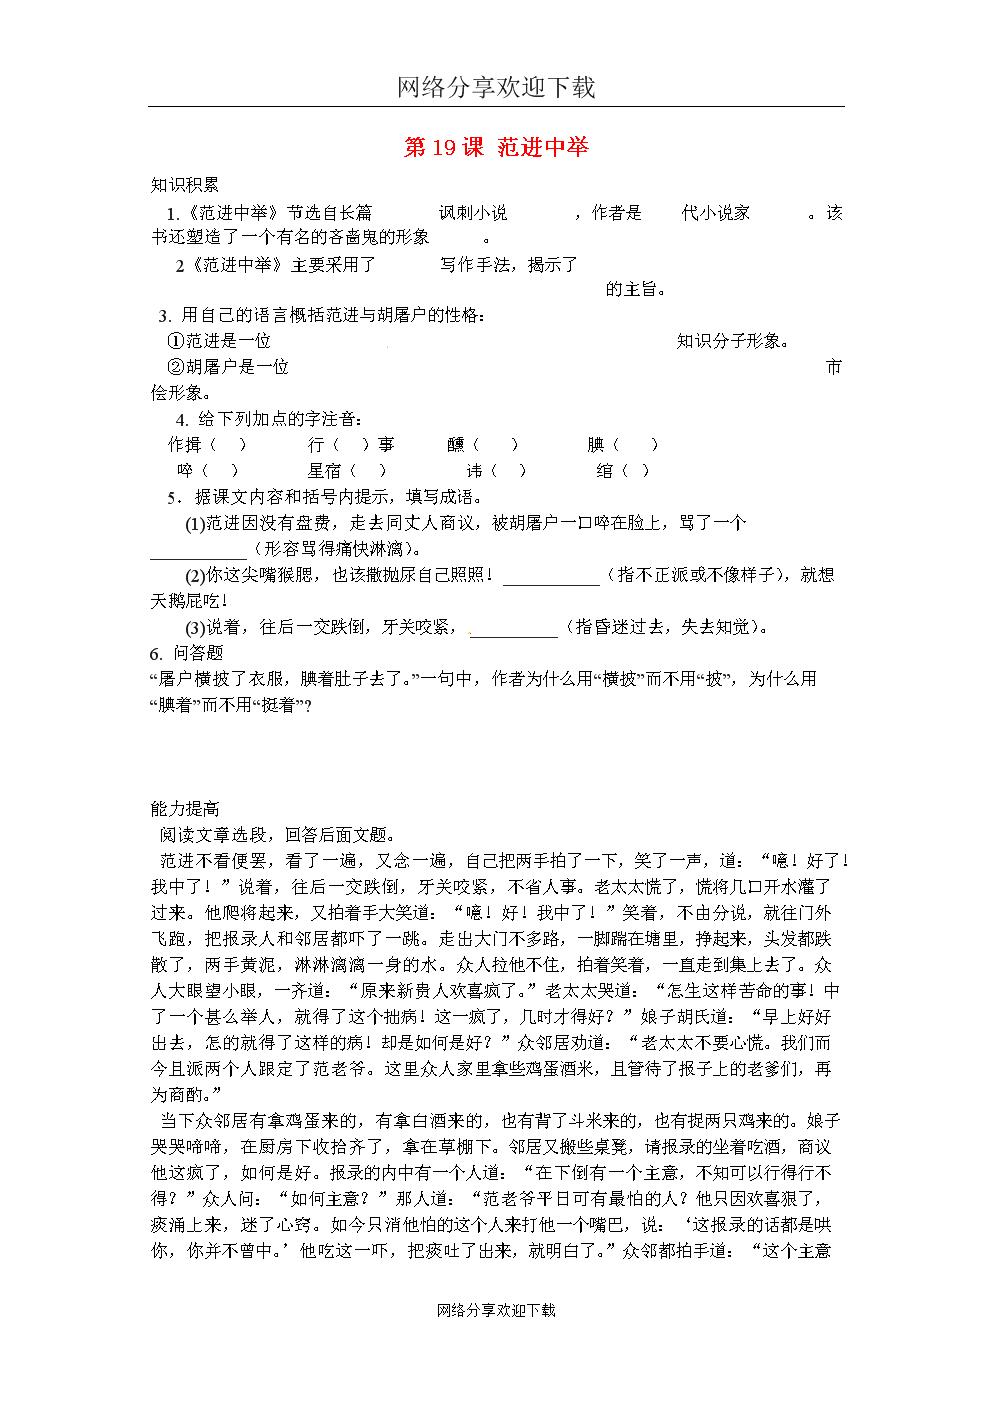 上海五四制语文九年级上册《31范进中举》教案 (3).doc